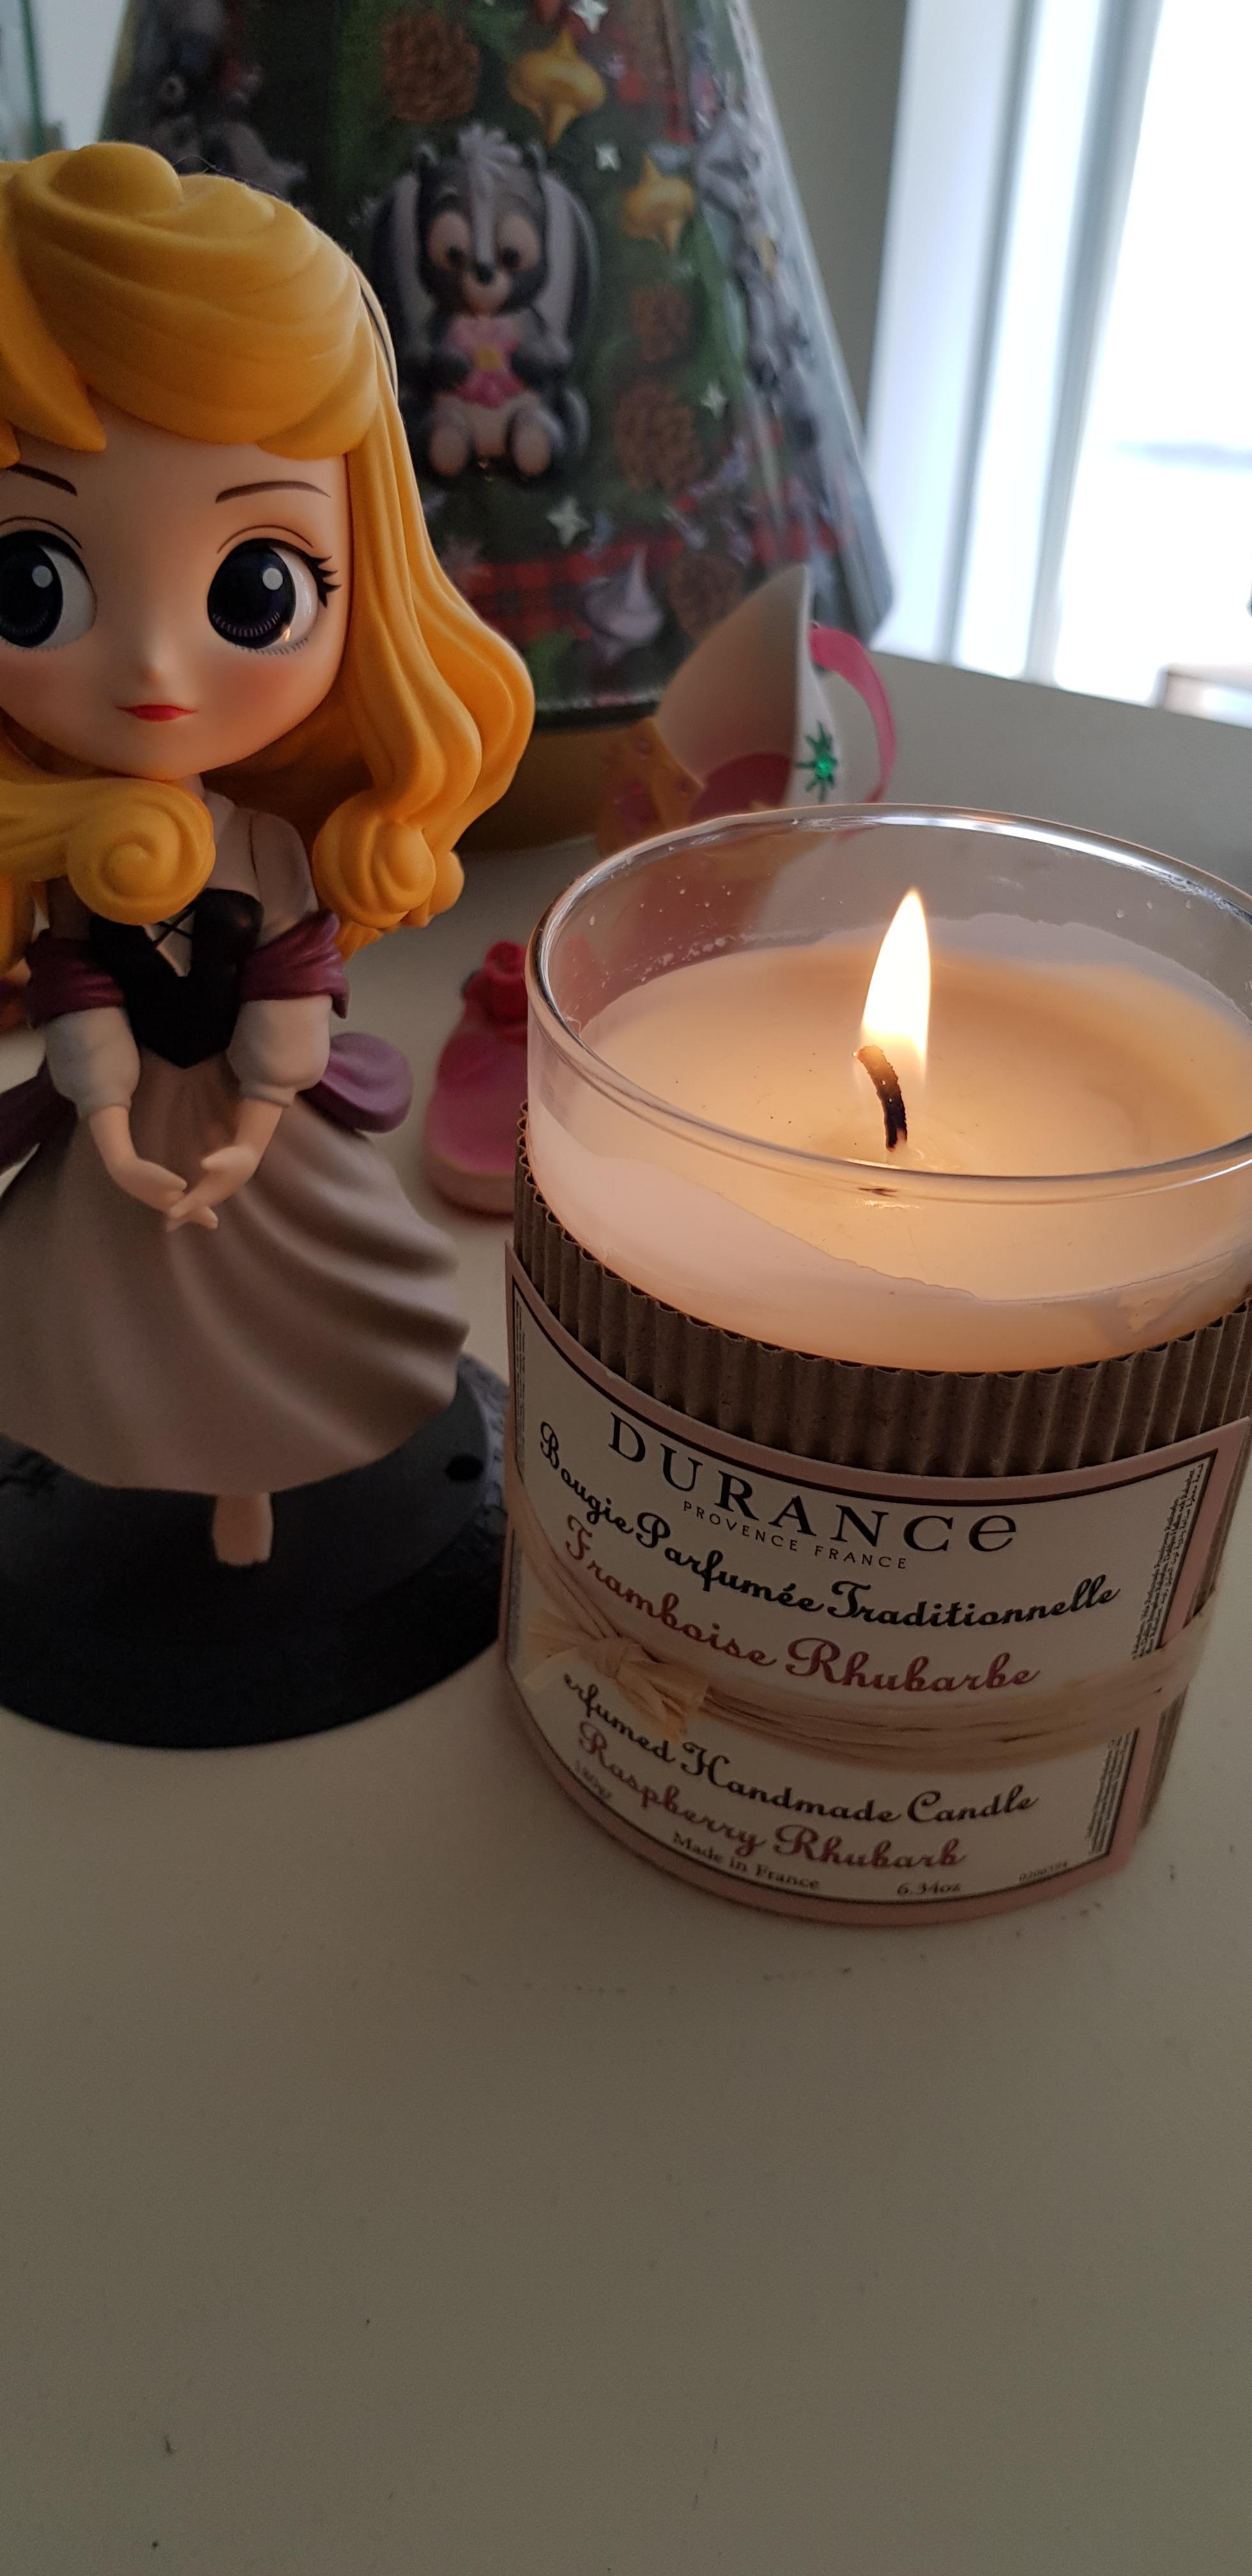 A vous la collec' de bougies Durance !